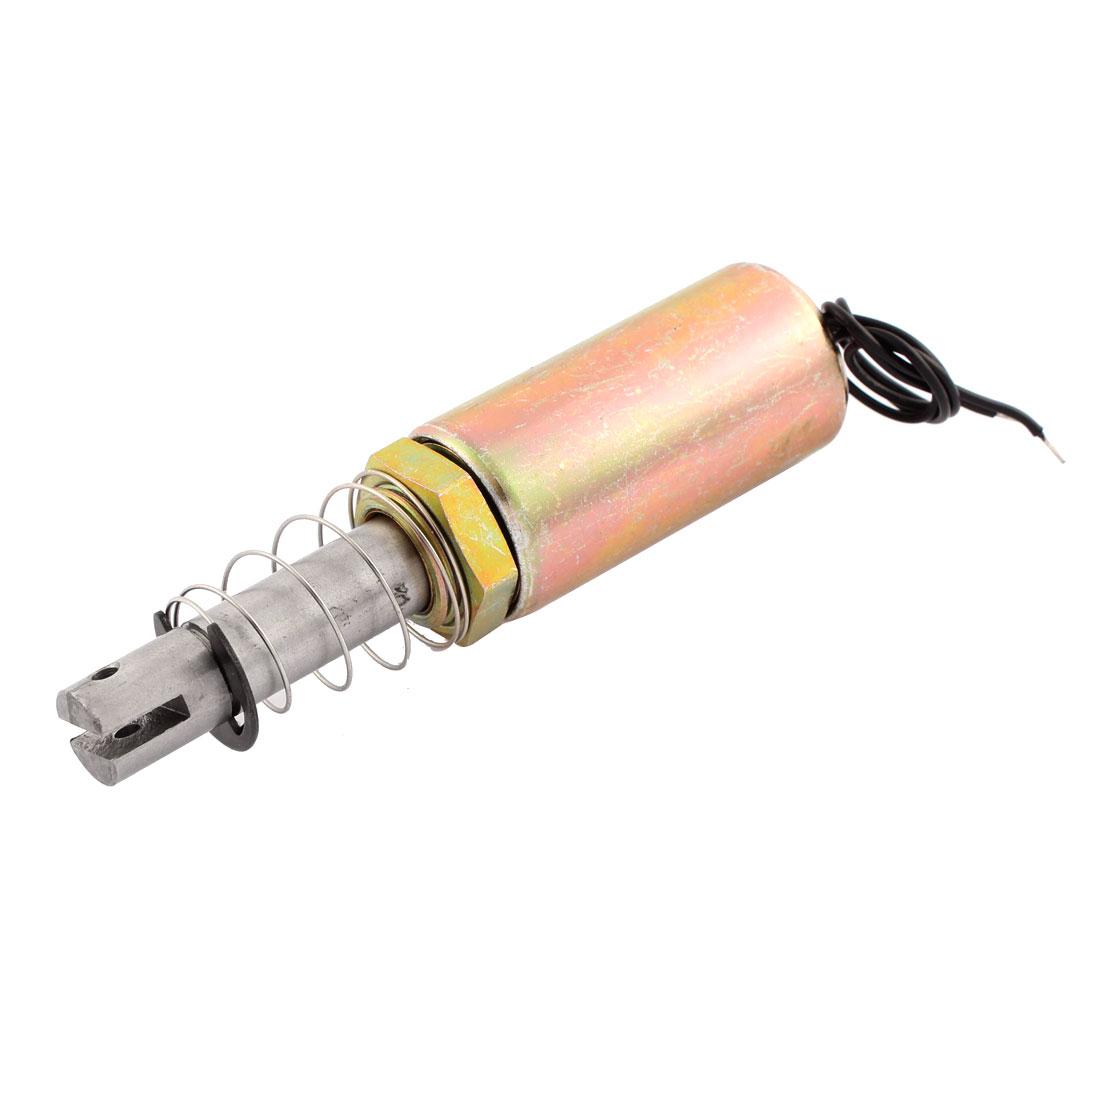 DC 12V 10mm 1Kg Pull Type Solenoid Electromagnet w Spring Plunger